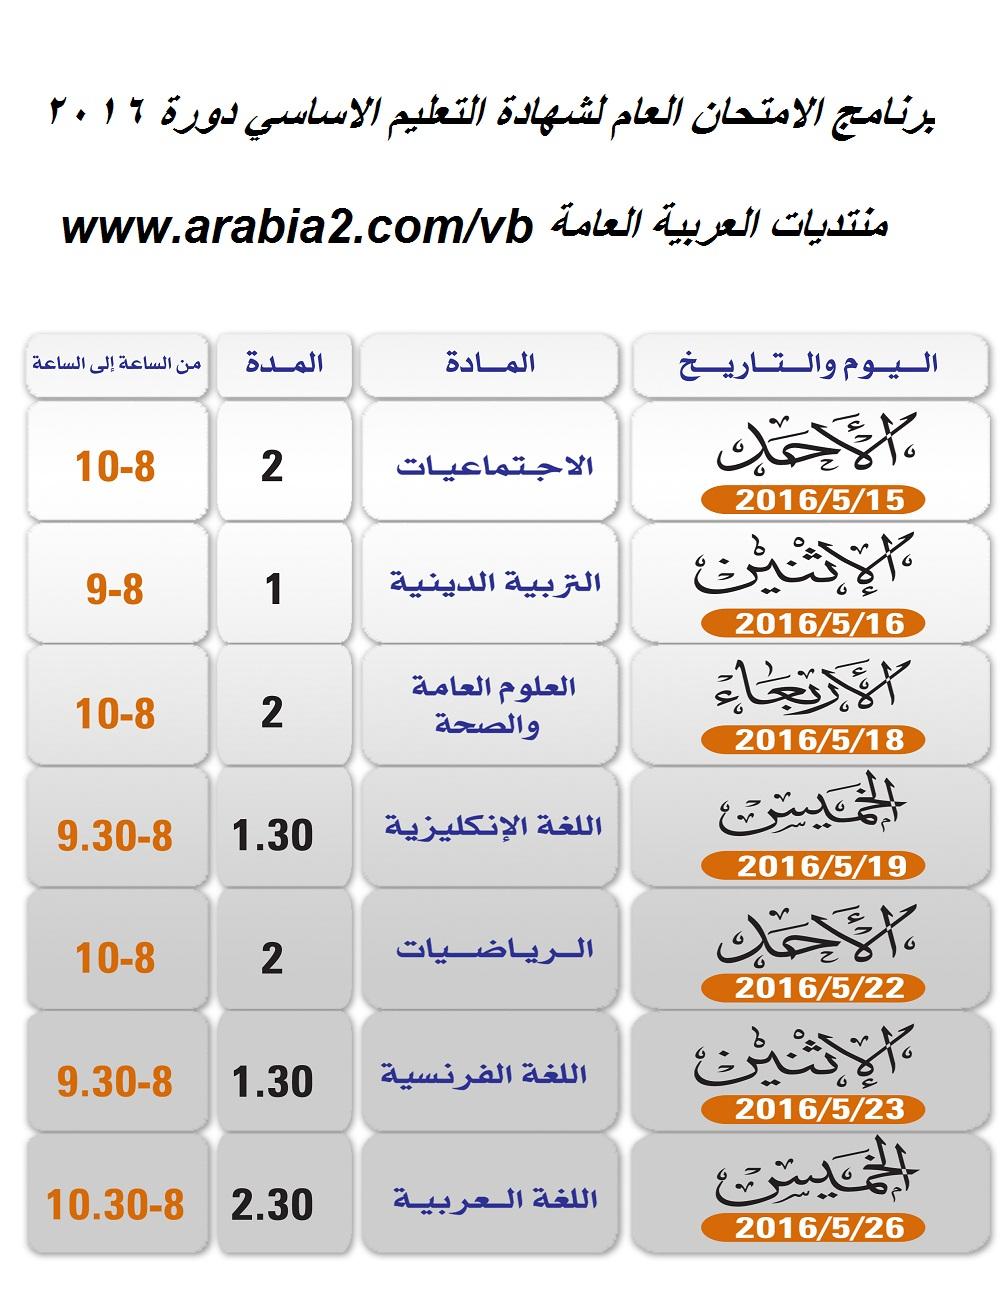 البرنامج العام للامتحانات العامة لشهادة الاساسية و الثانوية و الشرعية 2016 المنهاج السوري 1461264755312.jpg